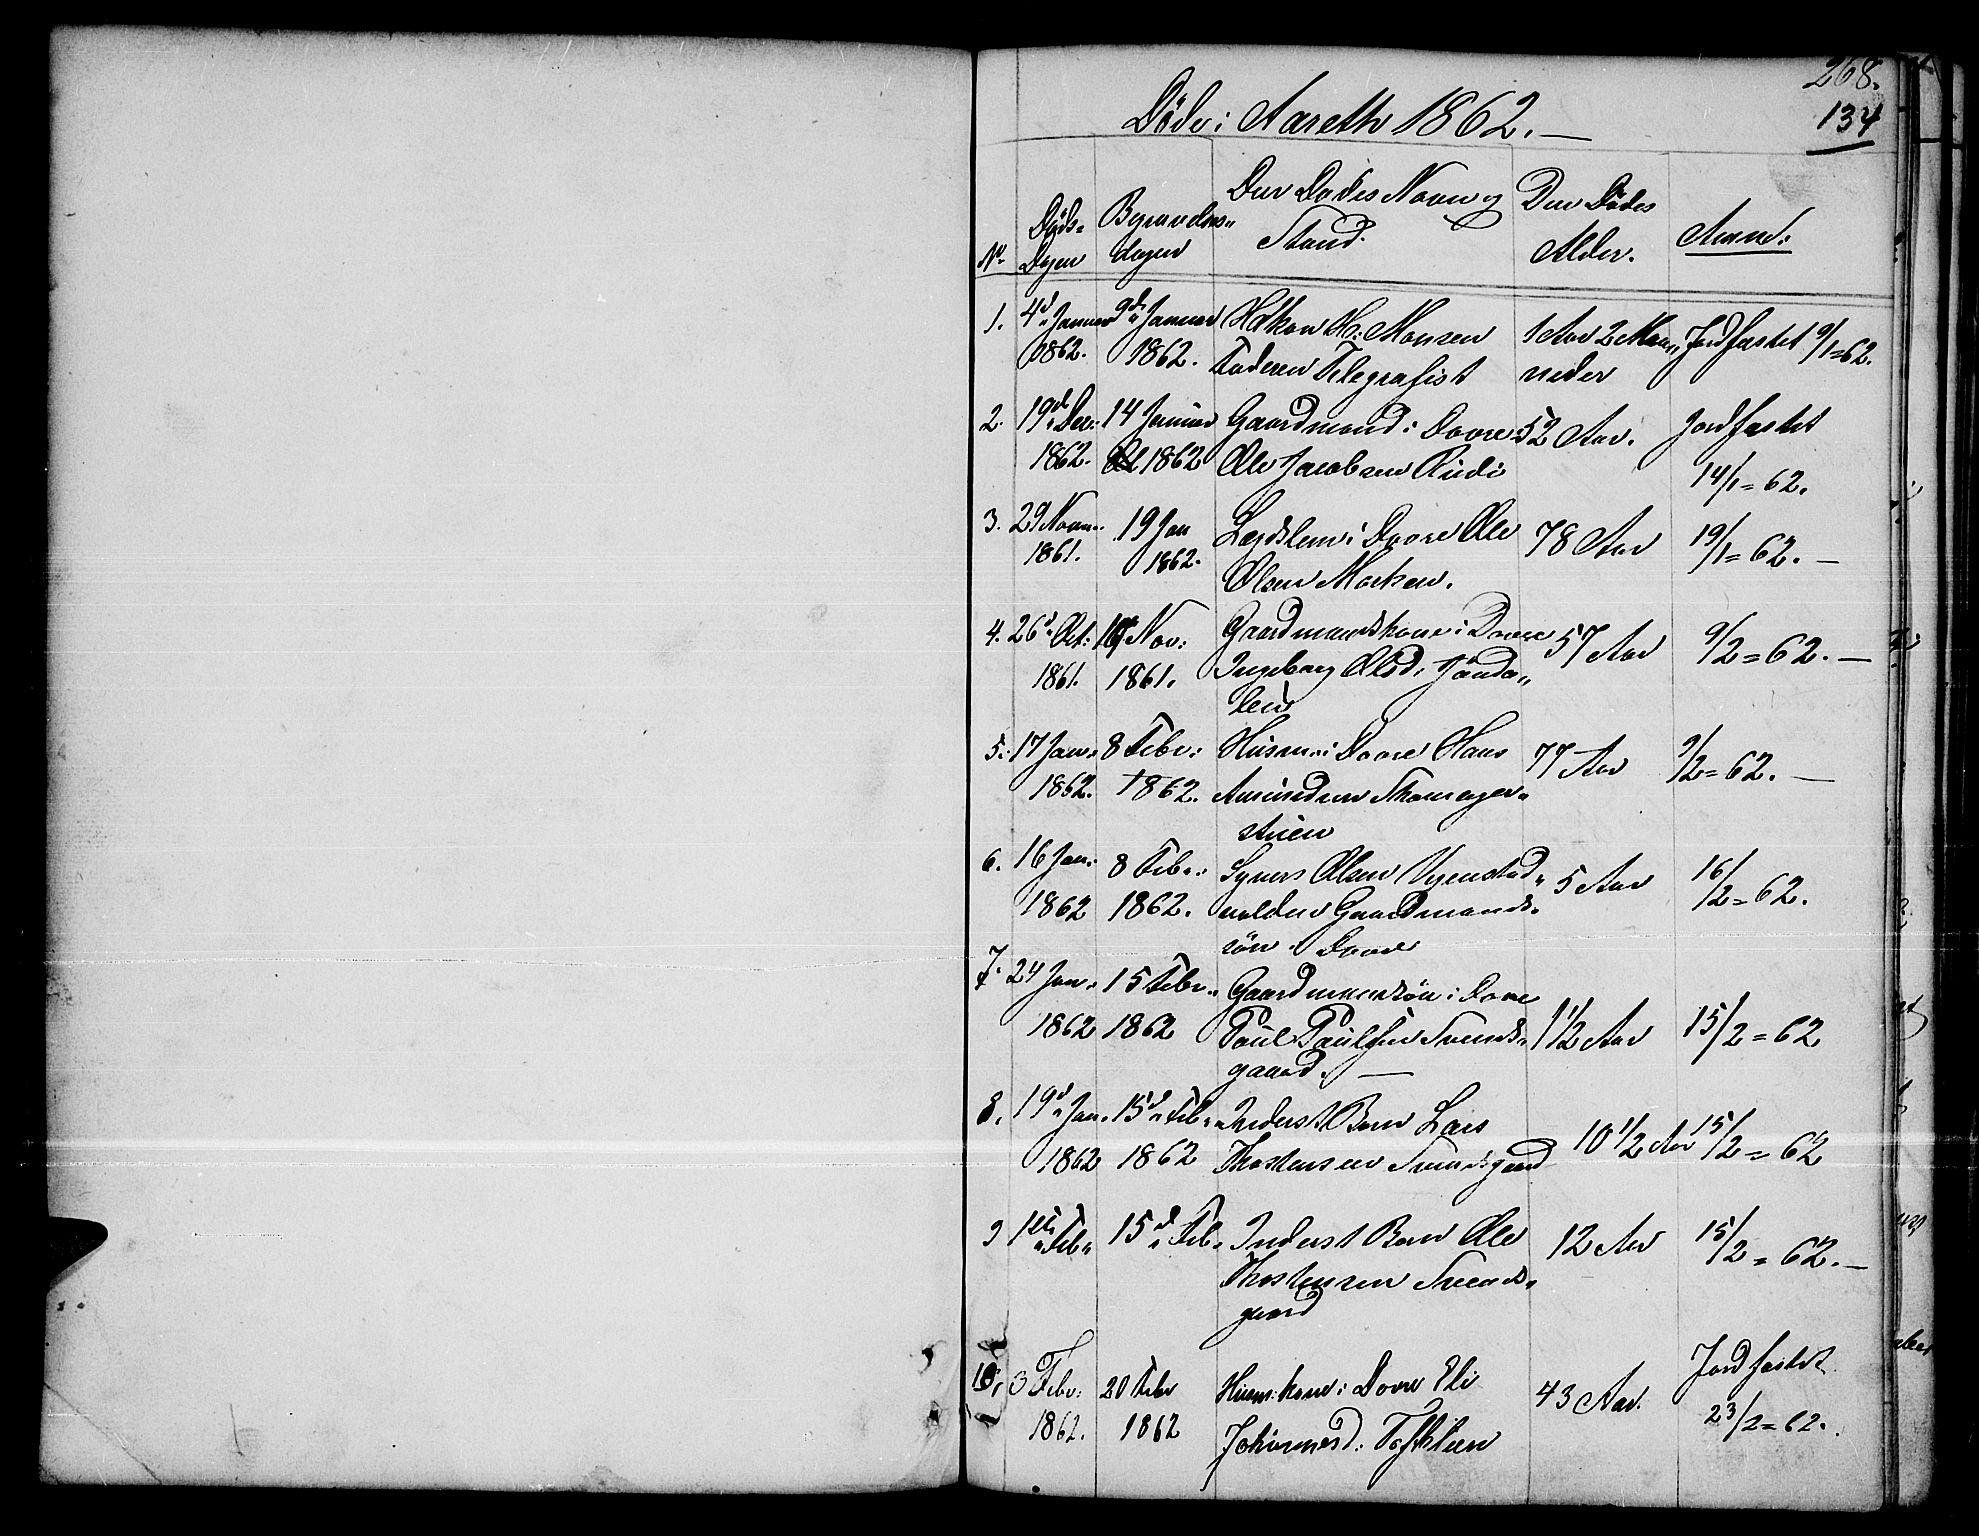 SAH, Dovre prestekontor, Klokkerbok nr. 1, 1862-1880, s. 268